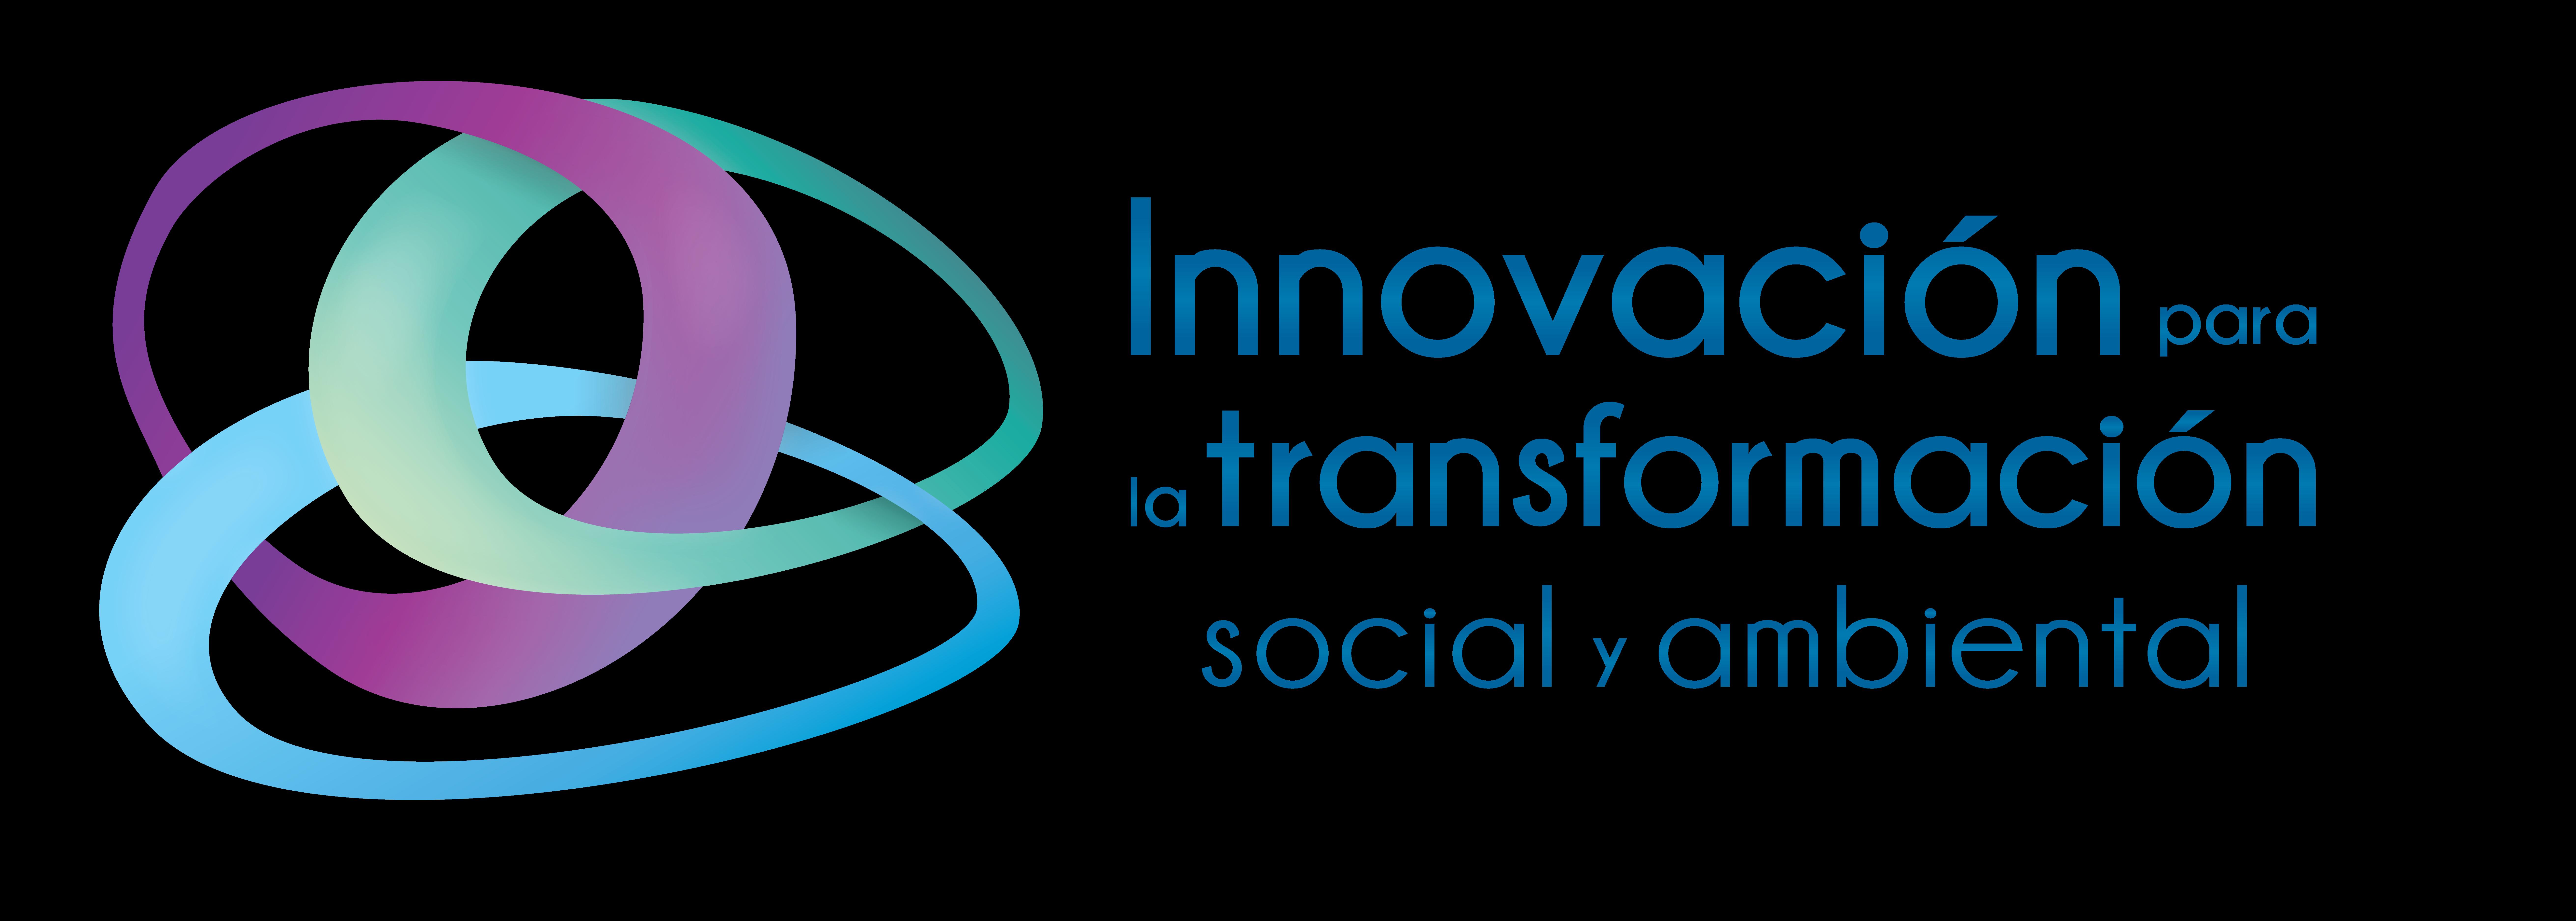 Posgrado en Innovación para la Transformación Social y Ambiental